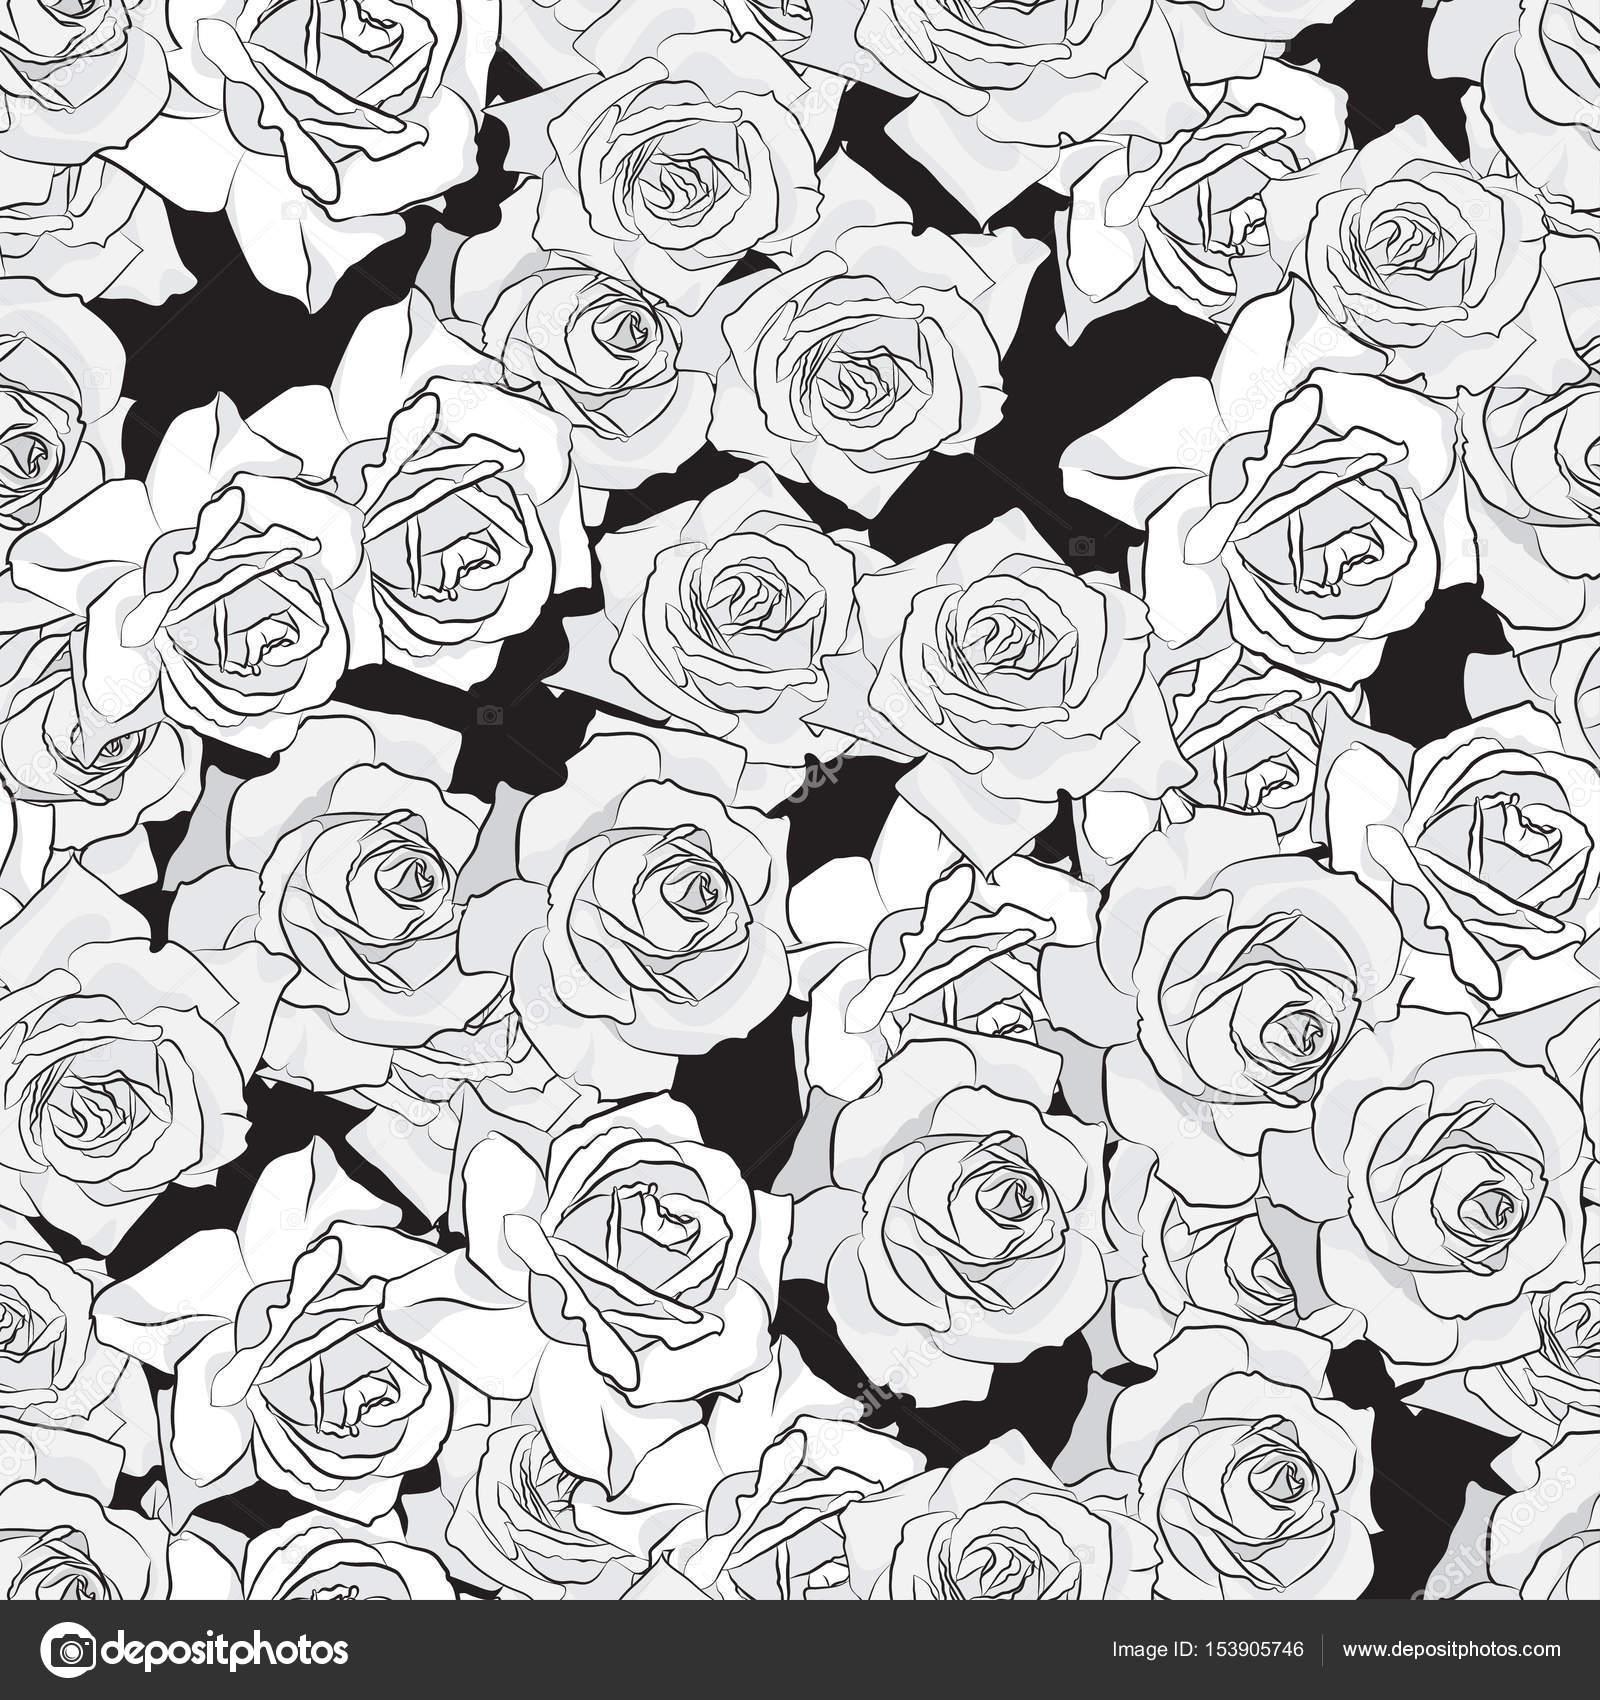 Beautiful black gray and white rose flower seamless pattern beautiful black gray and white rose flower seamless pattern botanical hand drawn silhouette izmirmasajfo